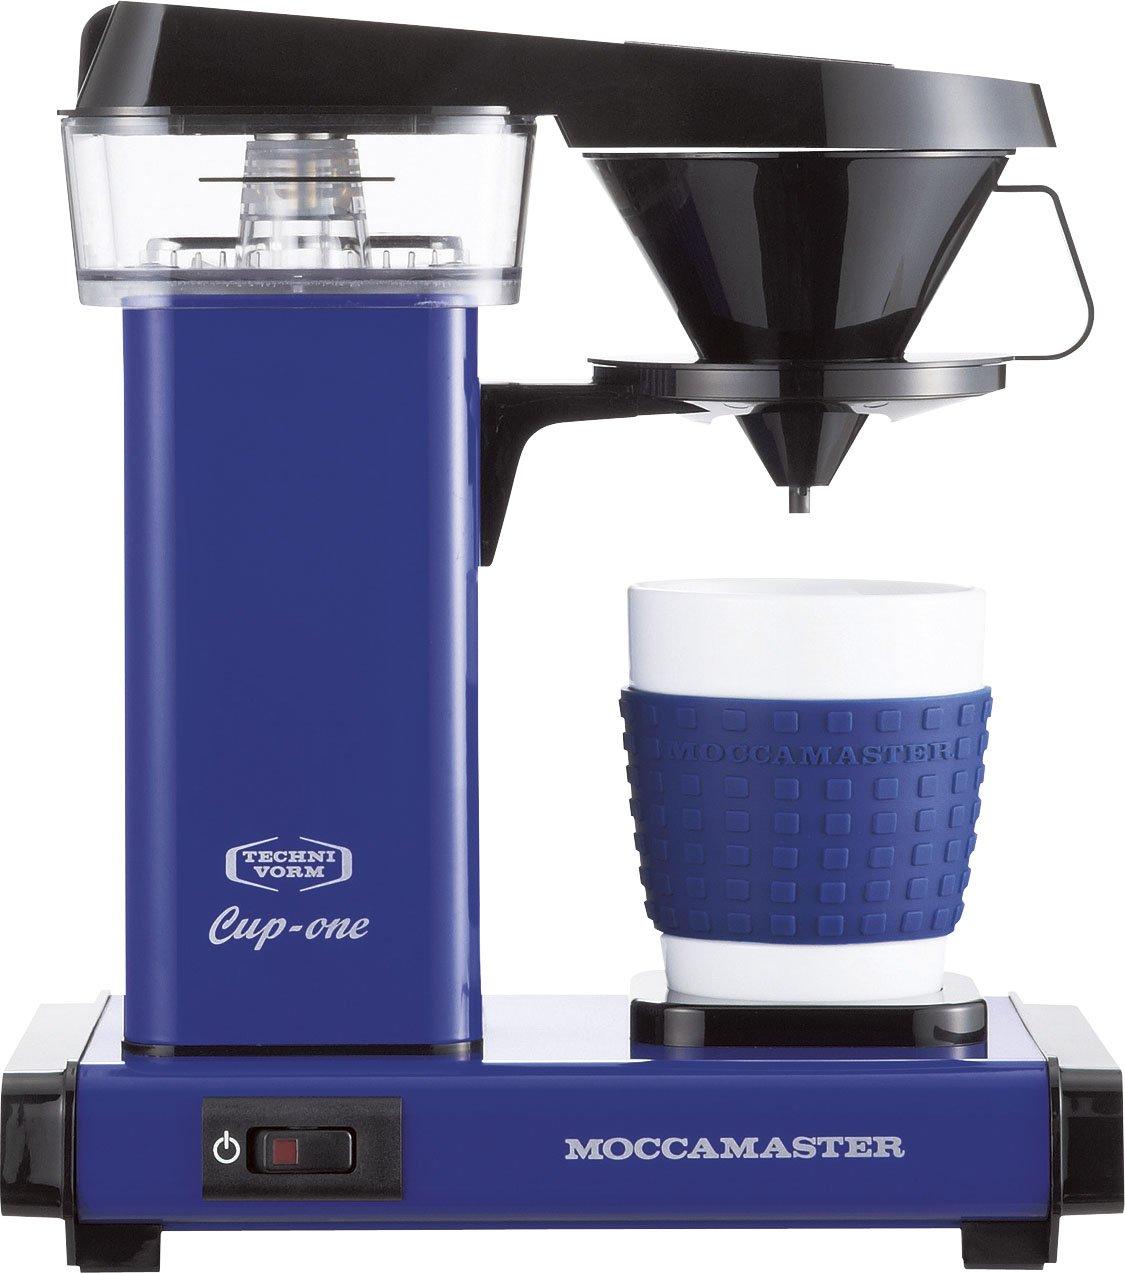 モカマスター KB-300-RB コーヒーメーカー 1杯用 B01C4ZOU8Q 1杯用 ロイヤルブルー KB-300-RB ロイヤルブルー B01C4ZOU8Q, ブーケ保存加工の専門店 花の森:1a2e2e7c --- lembahbougenville.com